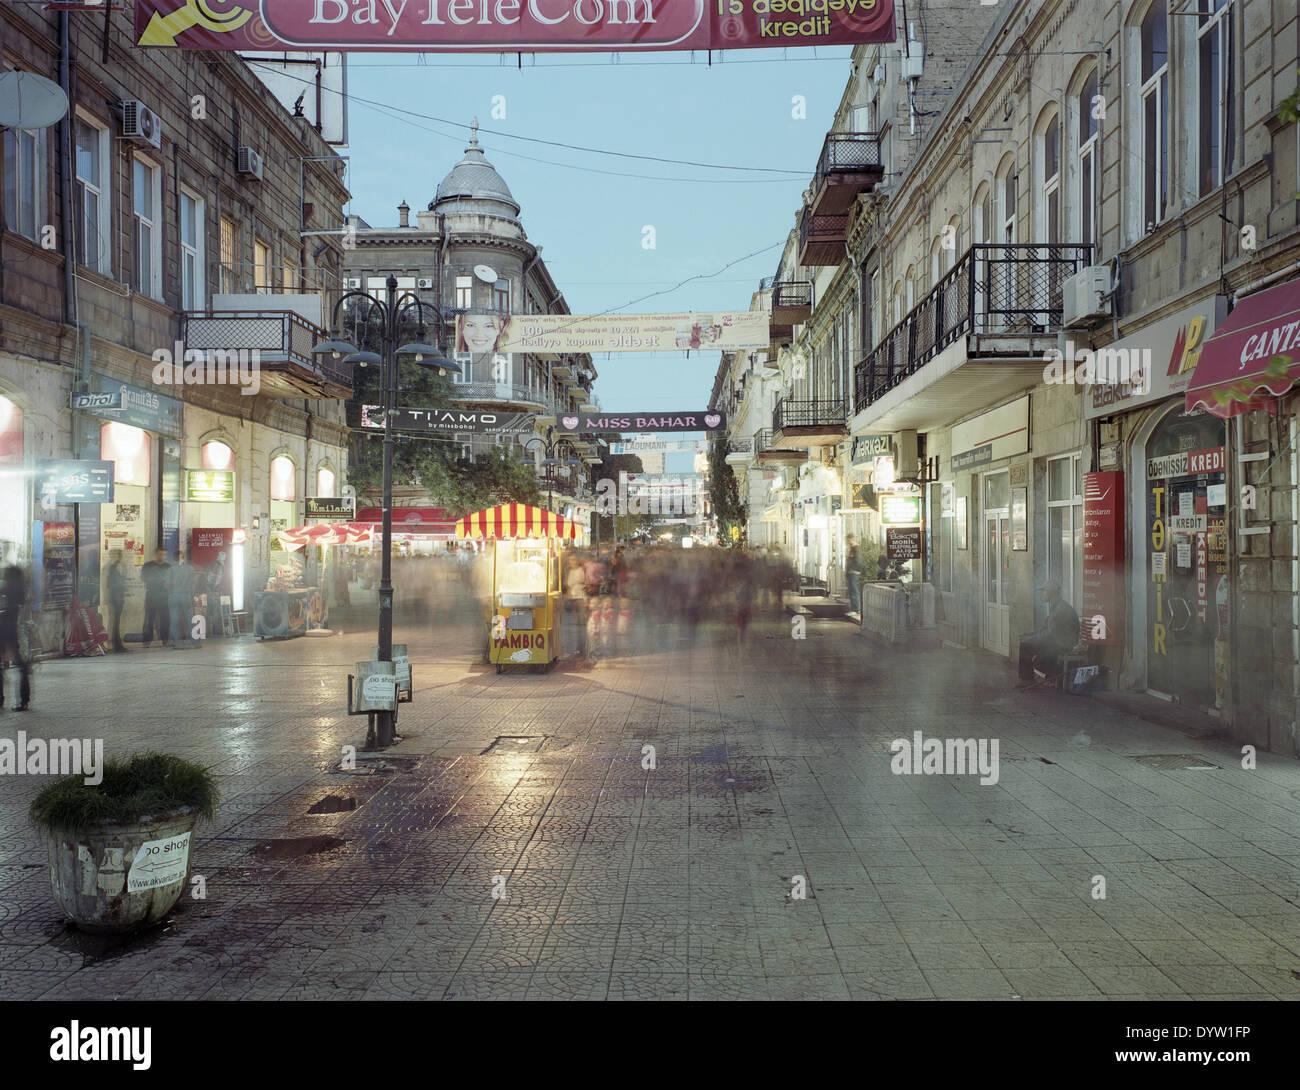 Straßenbild von historischen Einkaufsmeile in Baku 2008 Stockbild